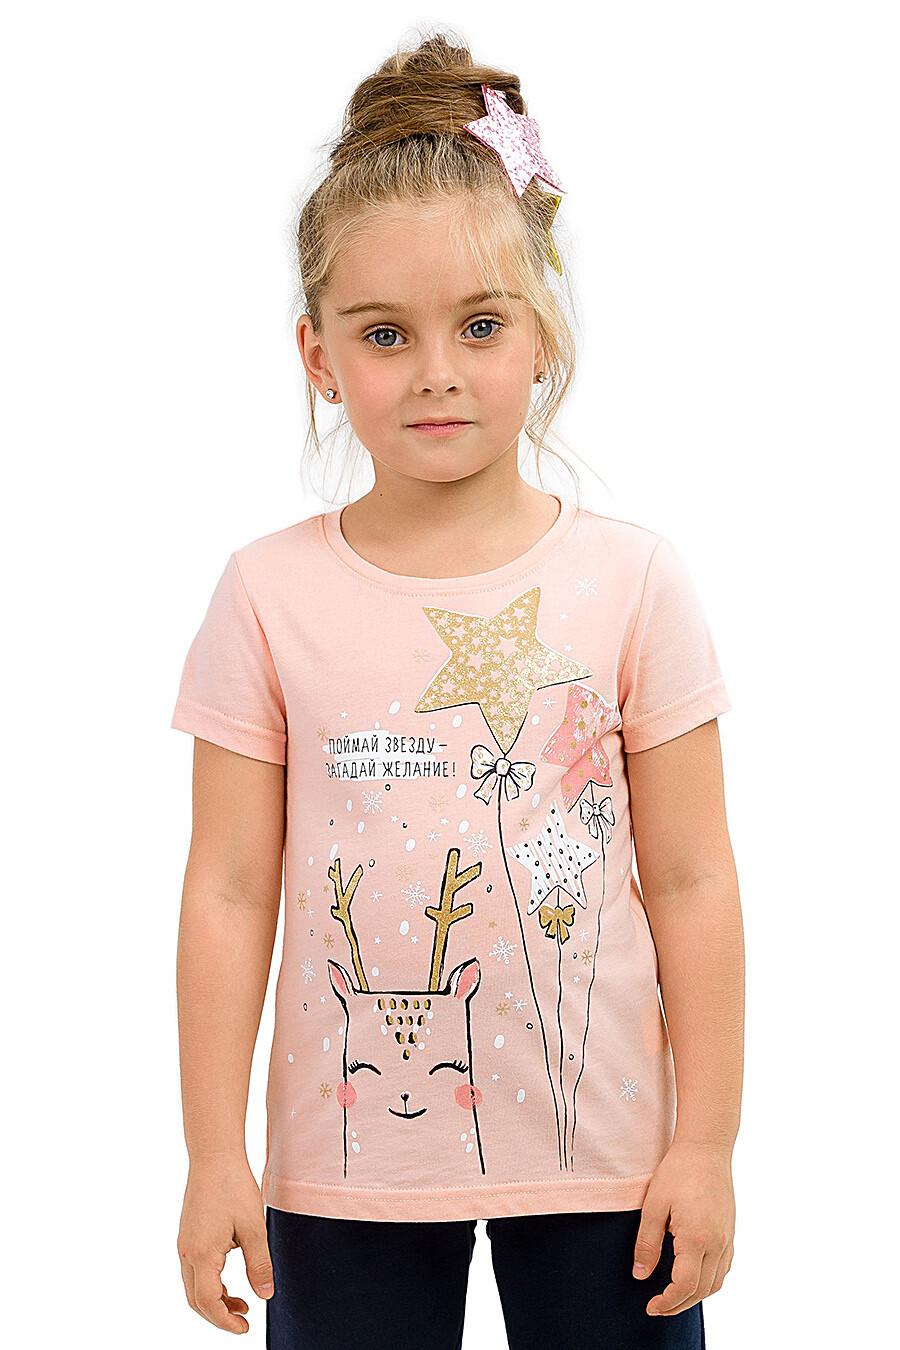 Футболка для девочек PELICAN 161256 купить оптом от производителя. Совместная покупка детской одежды в OptMoyo